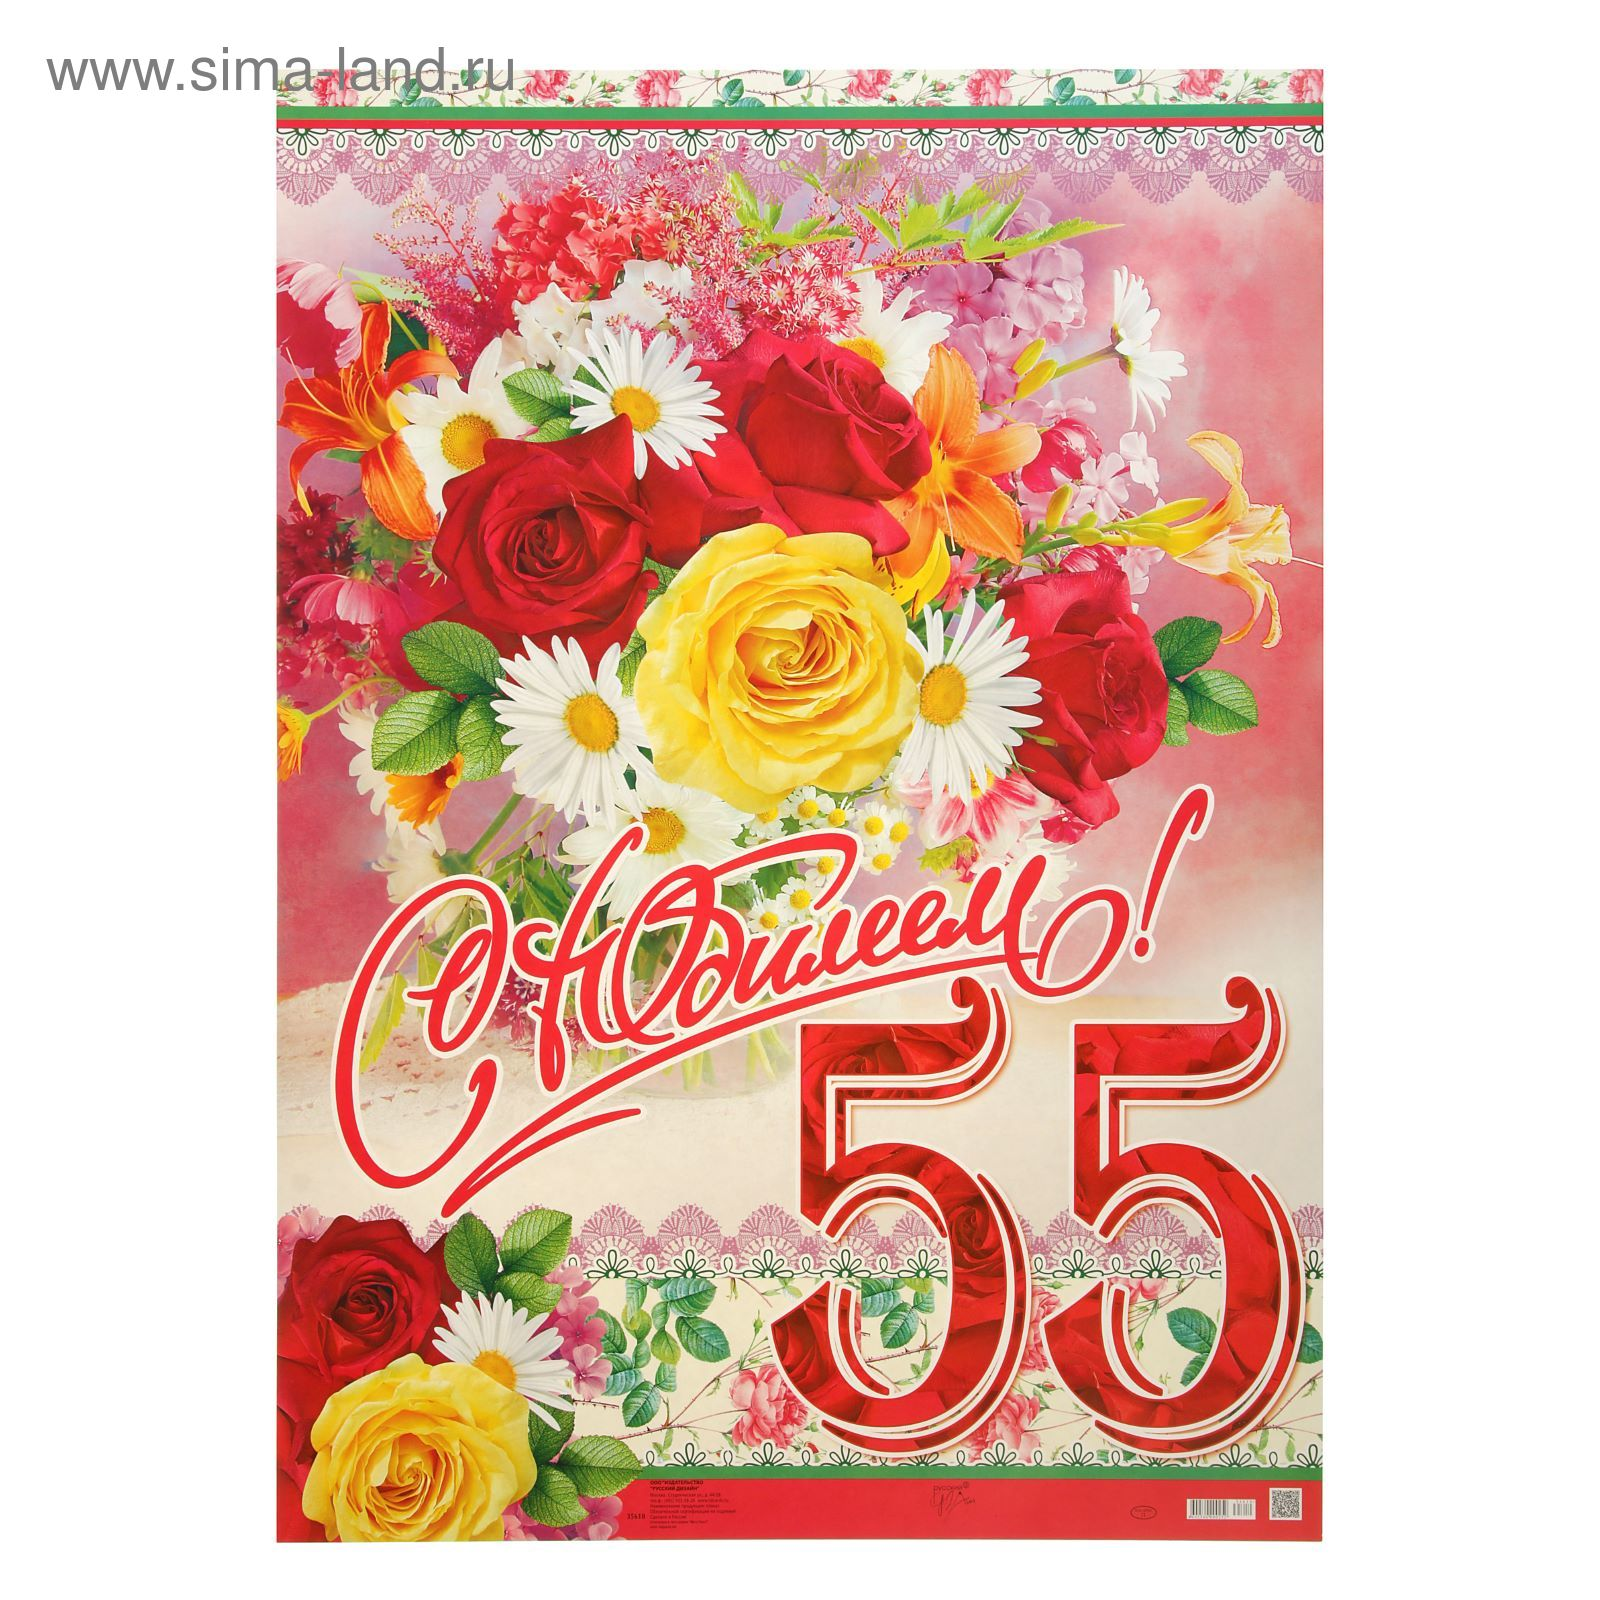 Брату, поздравления с 55 летием женщине прикольные в картинках